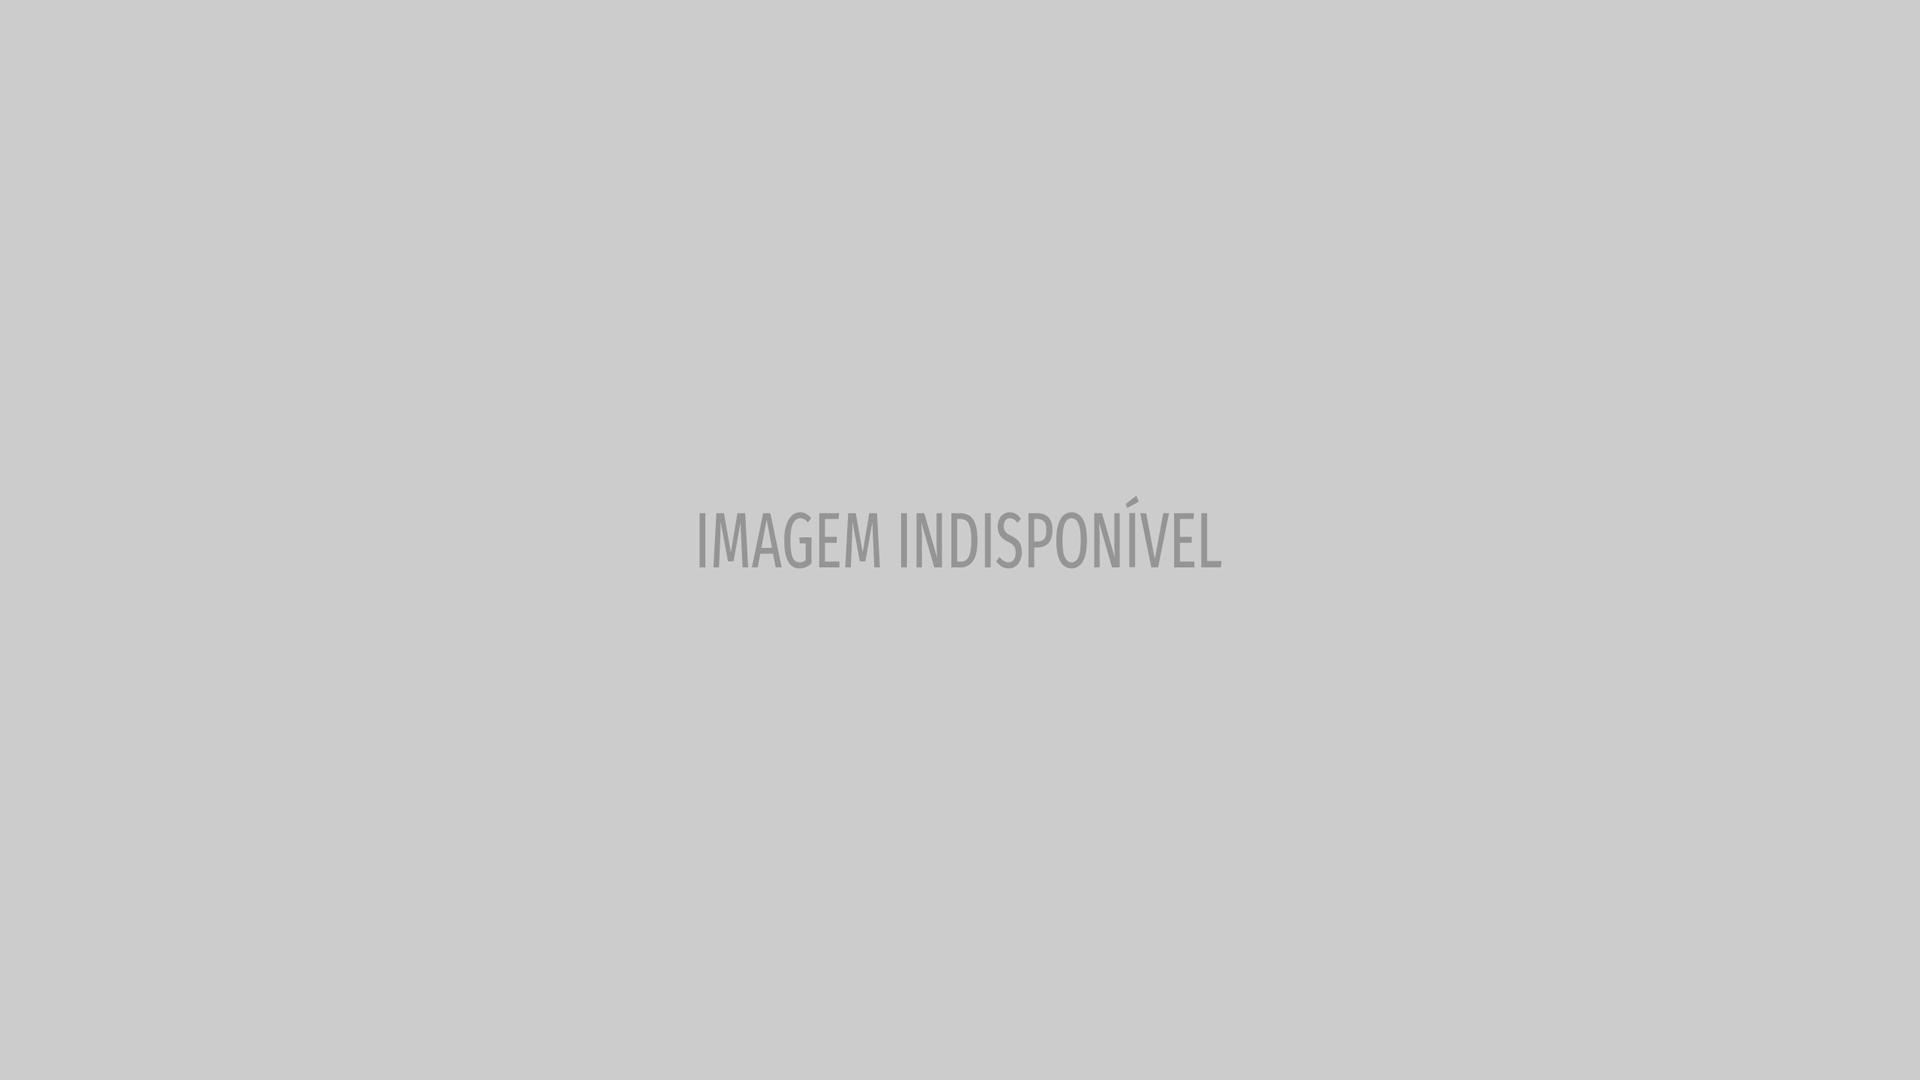 Imagem de Arlindo Cruz cortando o cabelo movimenta a web